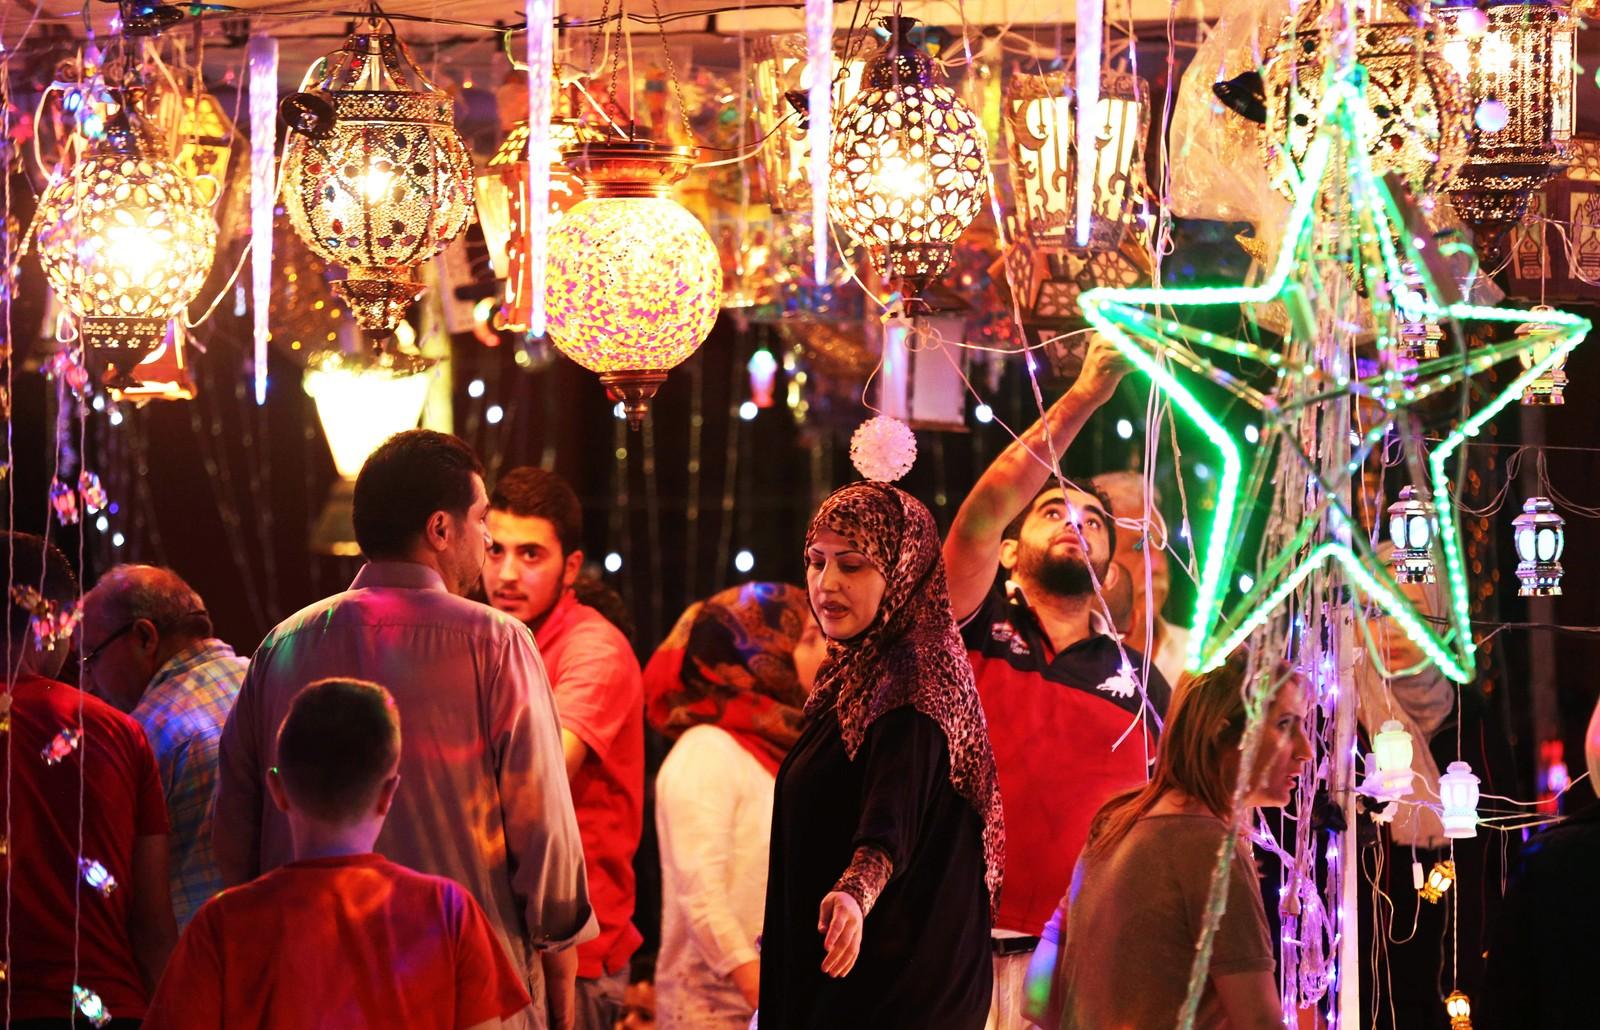 Ved innledningen til ramadan henger mange opp månelamper som symboliserer den viktige mymånen. Dette bildet er fra en butikk i Amman i Jordan søndag kveld.